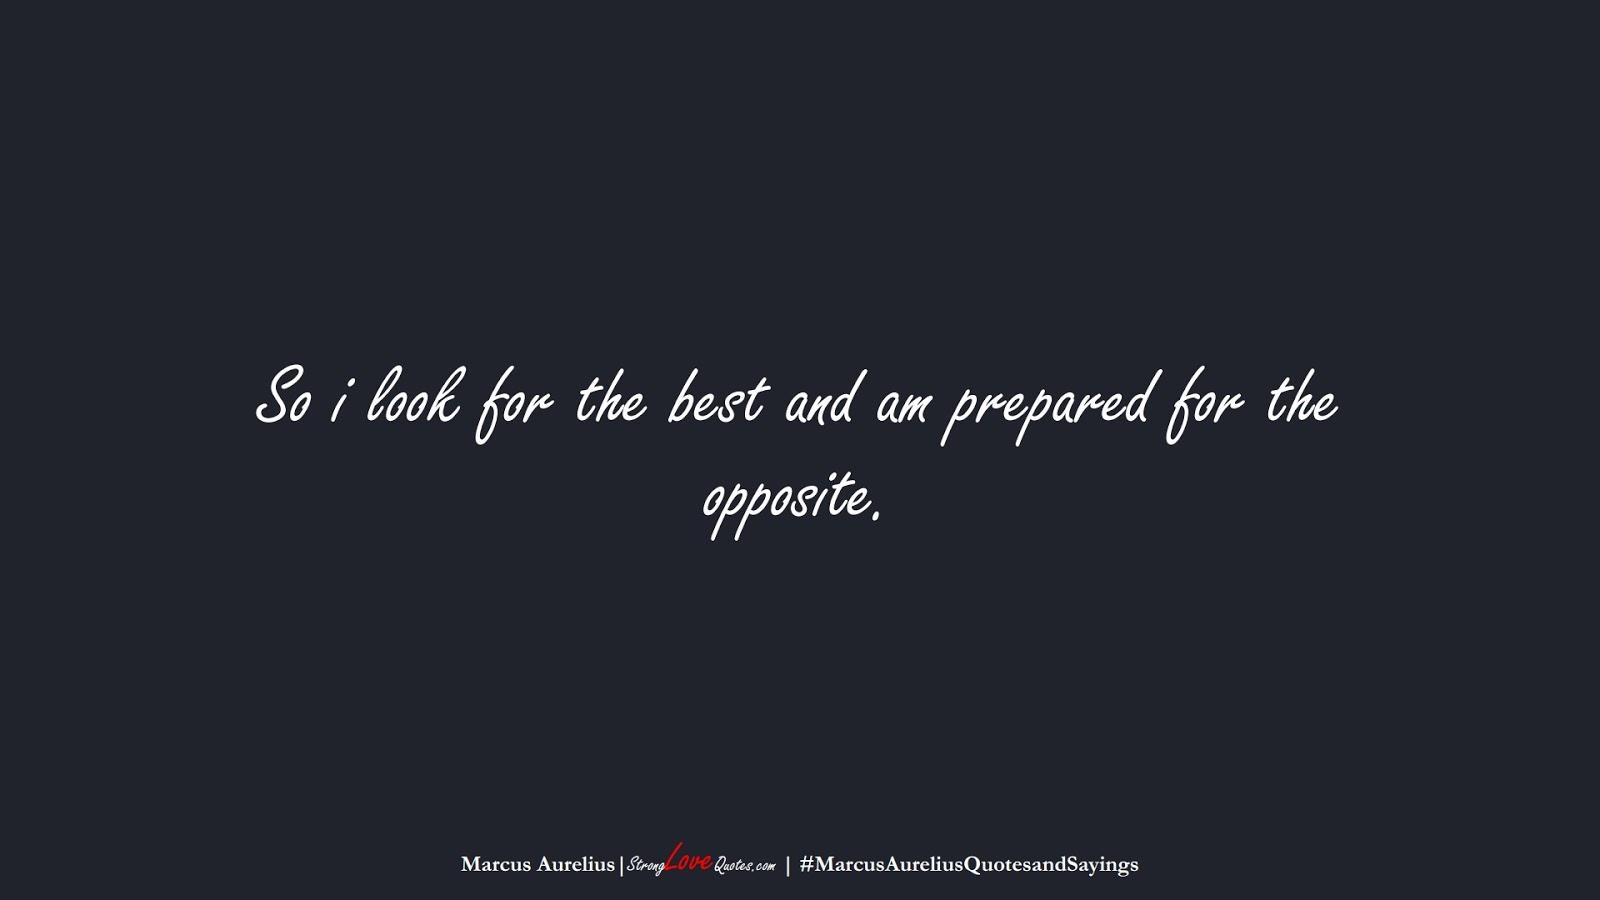 So i look for the best and am prepared for the opposite. (Marcus Aurelius);  #MarcusAureliusQuotesandSayings